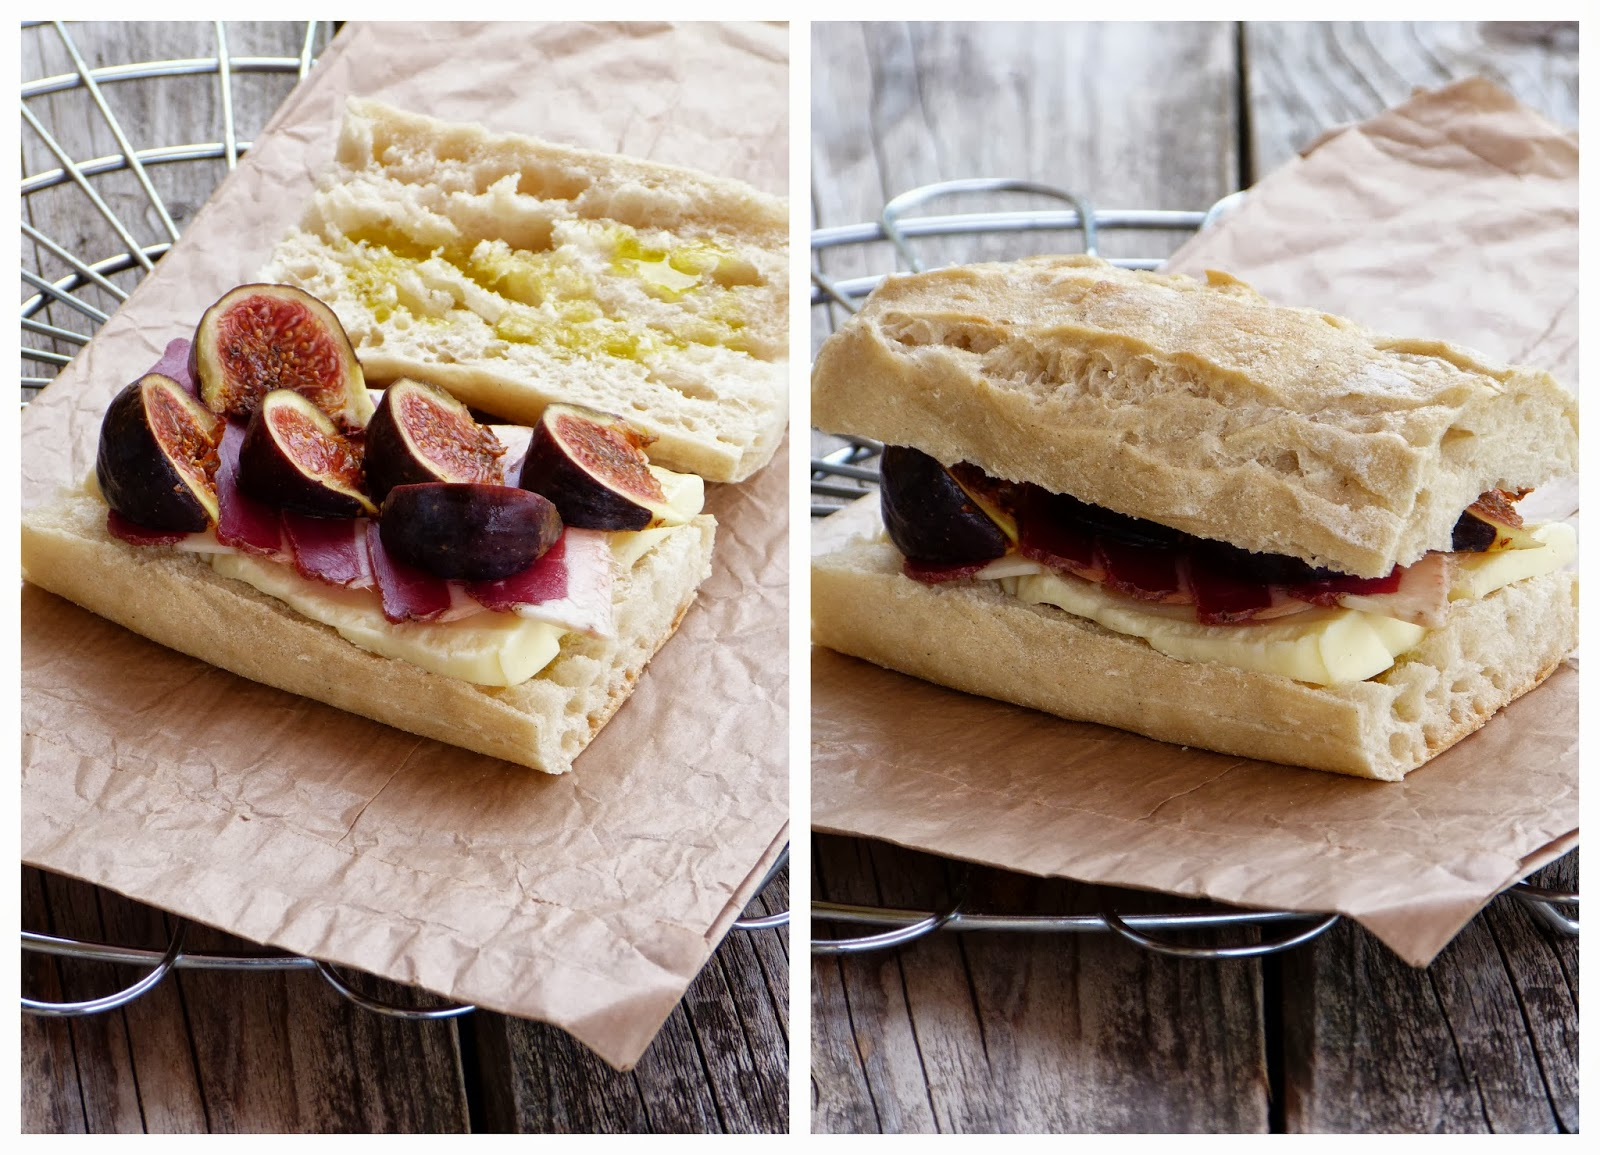 Chic chic chocolat paninis la tomme de cantal magret de canard et figues battle food 11 - Quand cueillir les figues ...